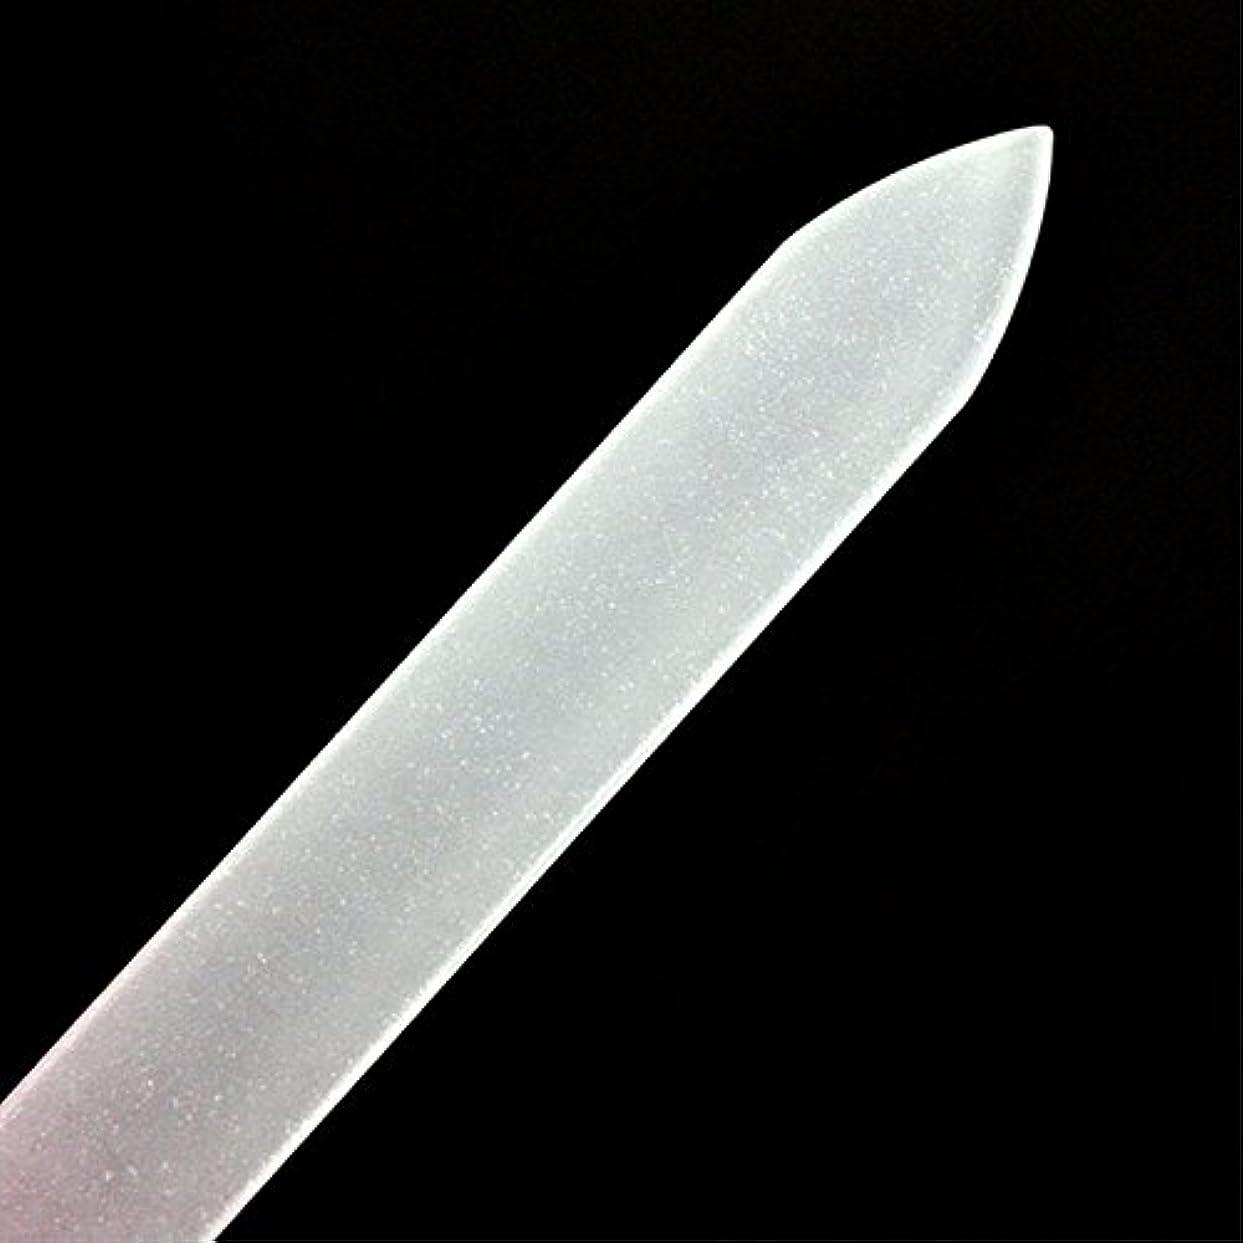 小人キリマンジャロボクシング爪磨き つめみがき ネイルケア 爪やすり 用品ガラス製爪ヤスリ ガラス製 ケース付 つめやすり甘皮 ケア